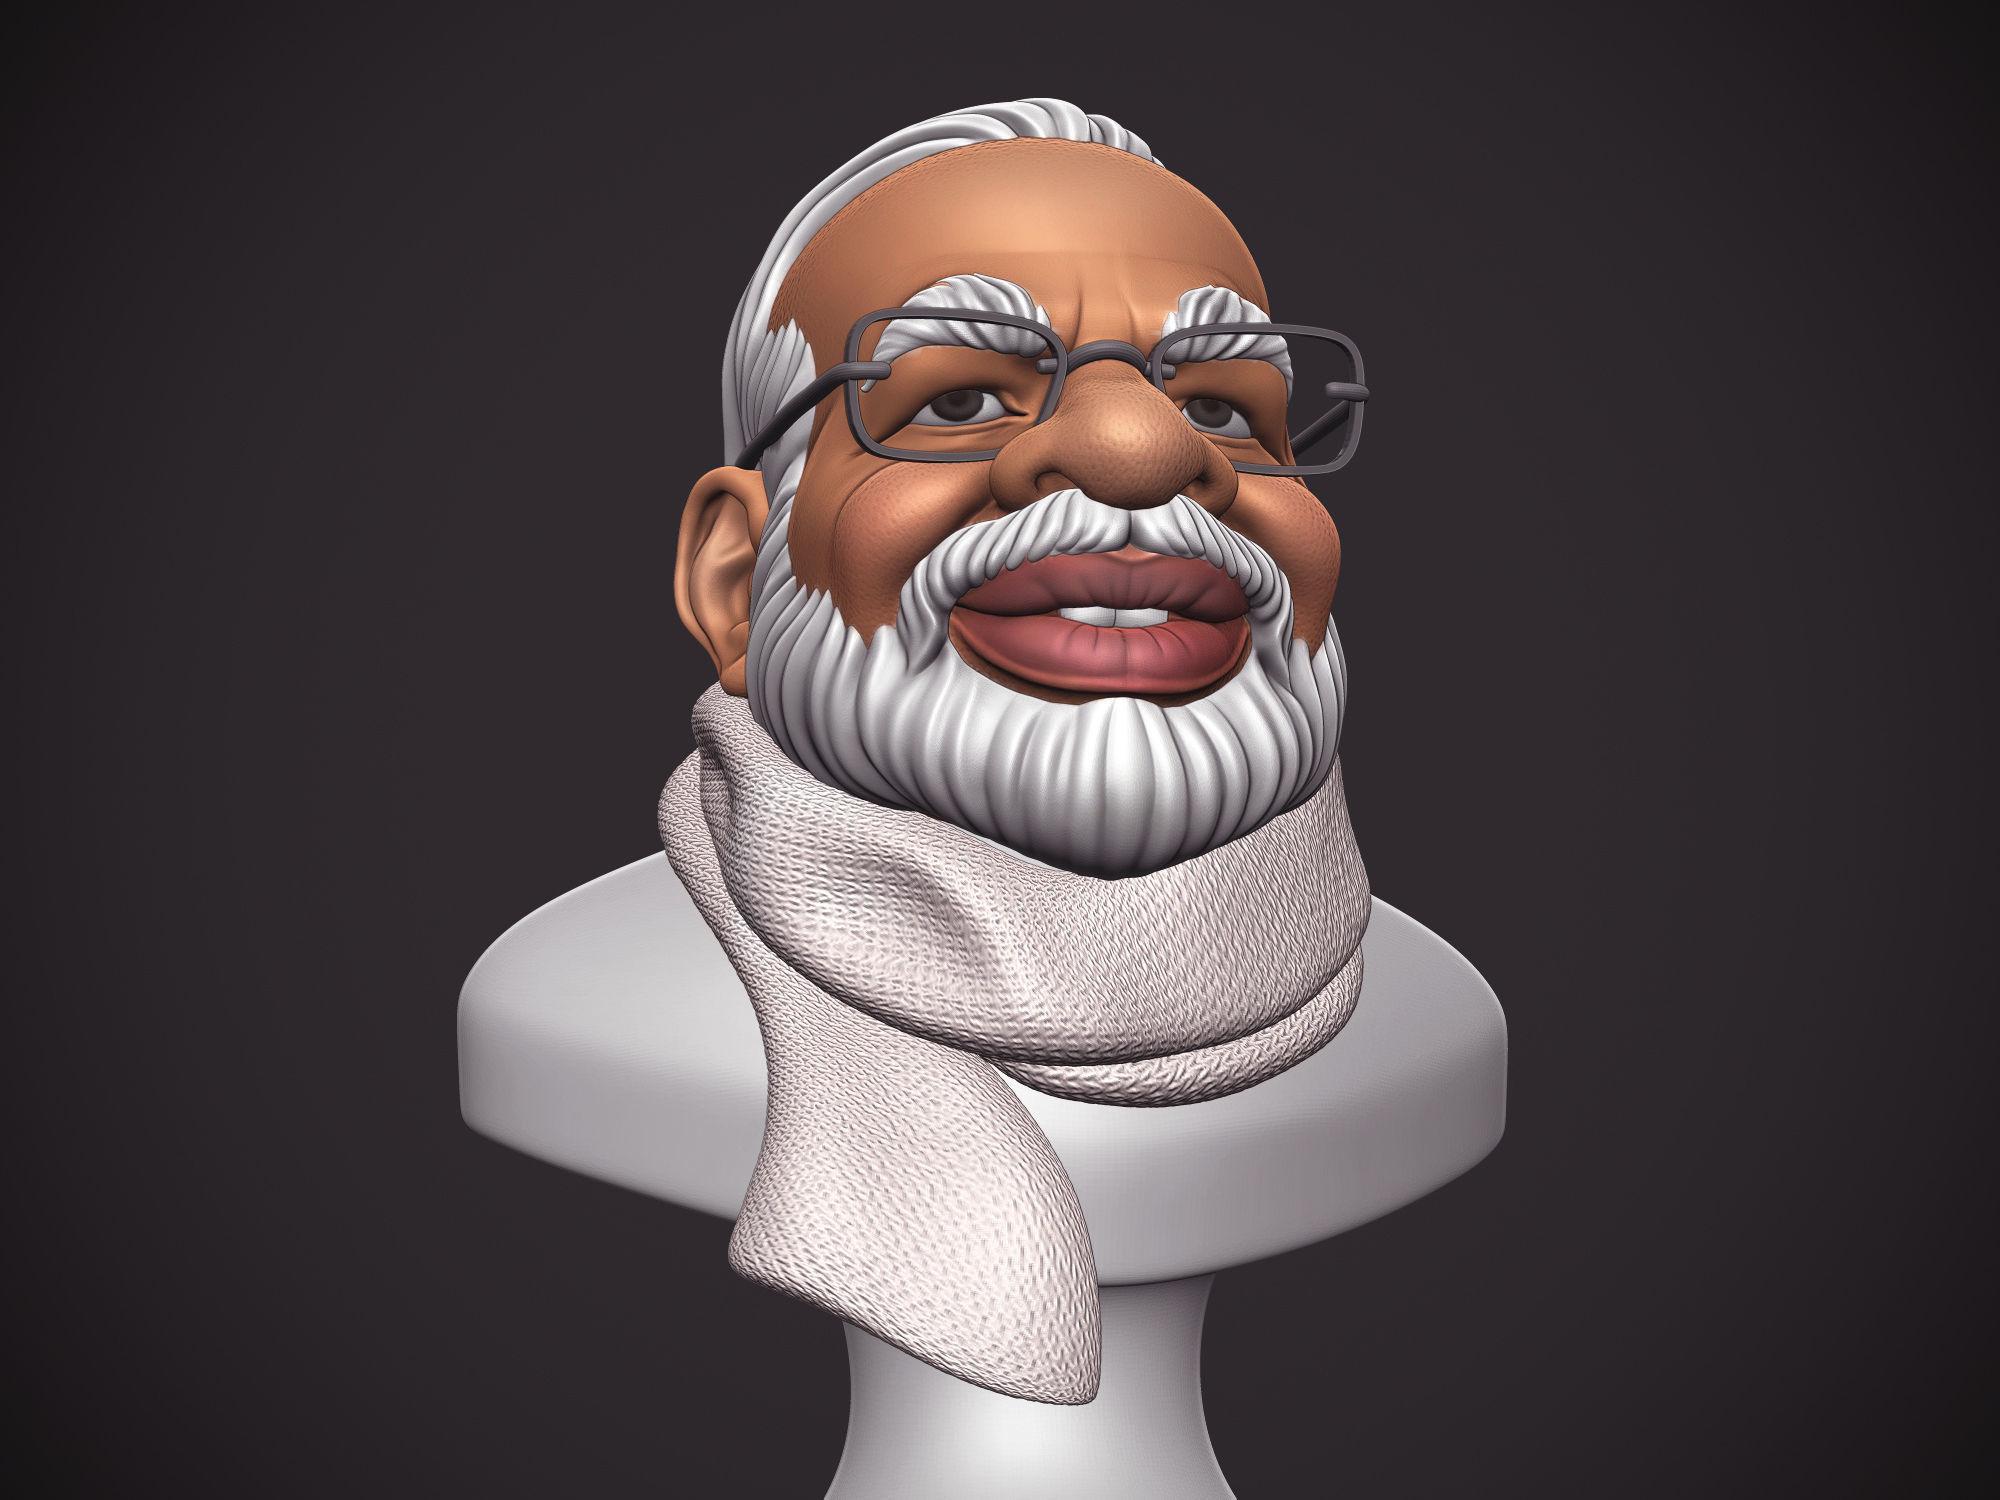 PM Modi Cartoon Bust